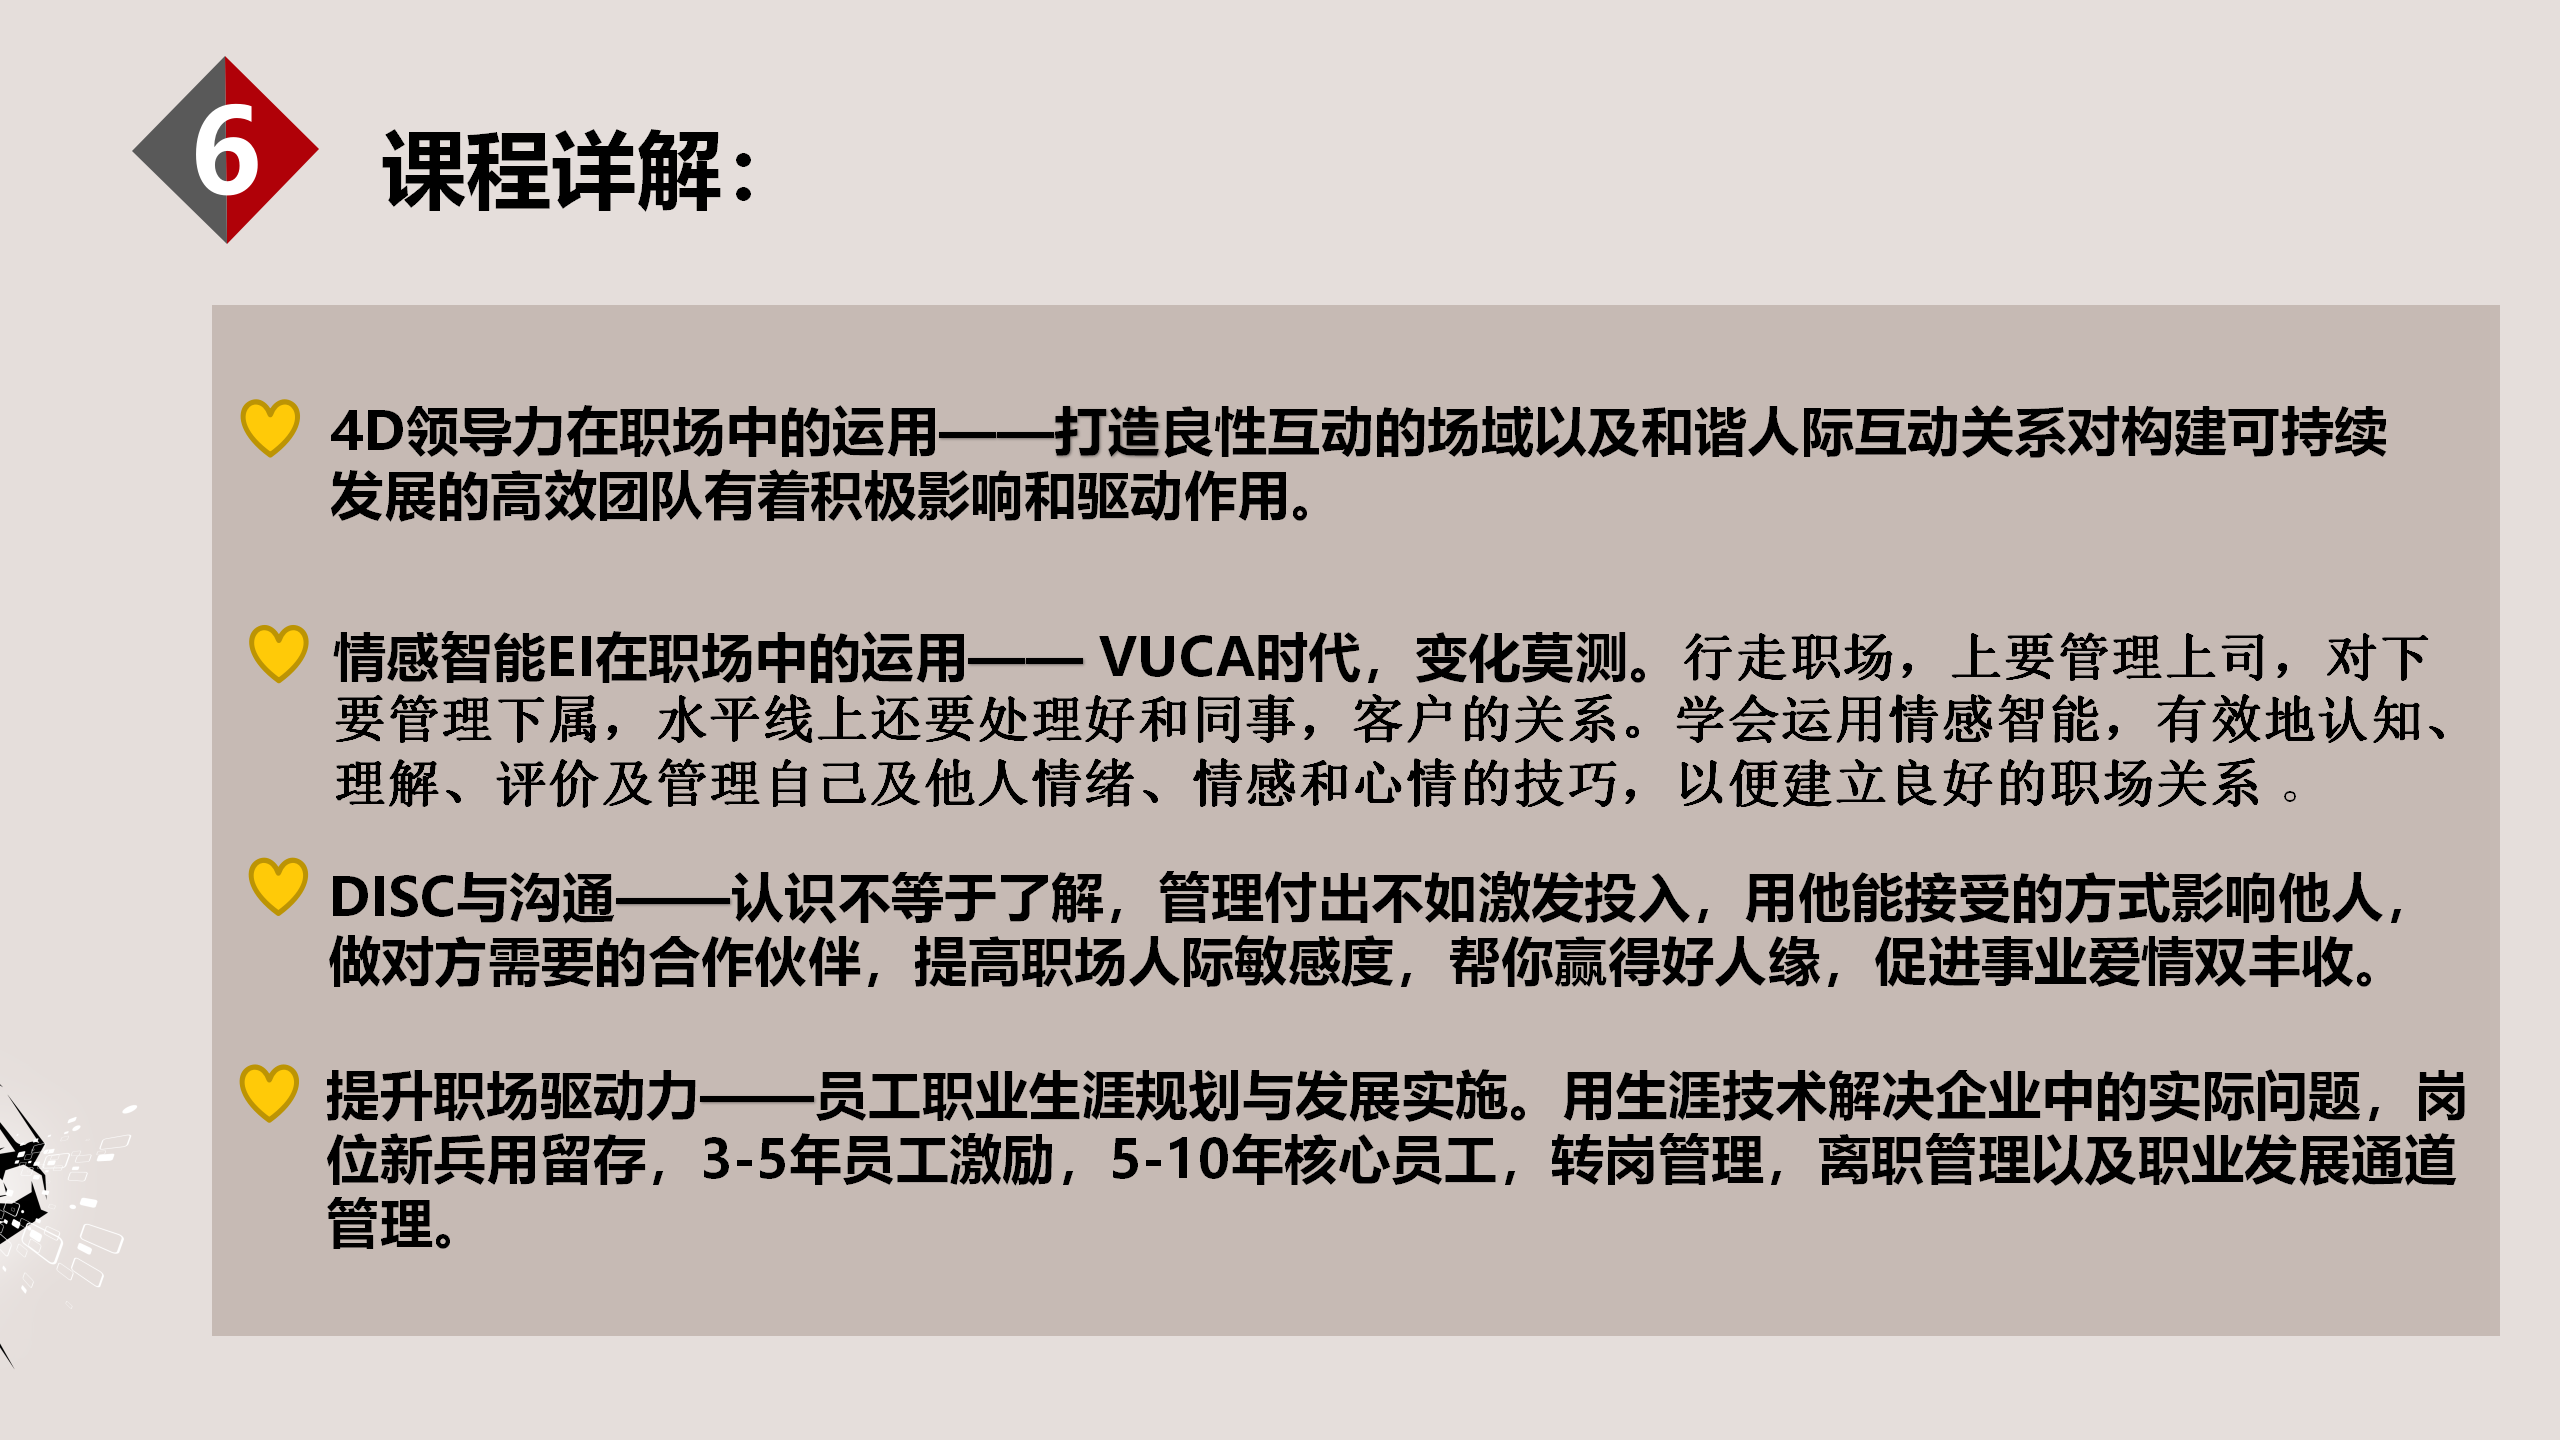 方芳共享大企业讲师介绍_09